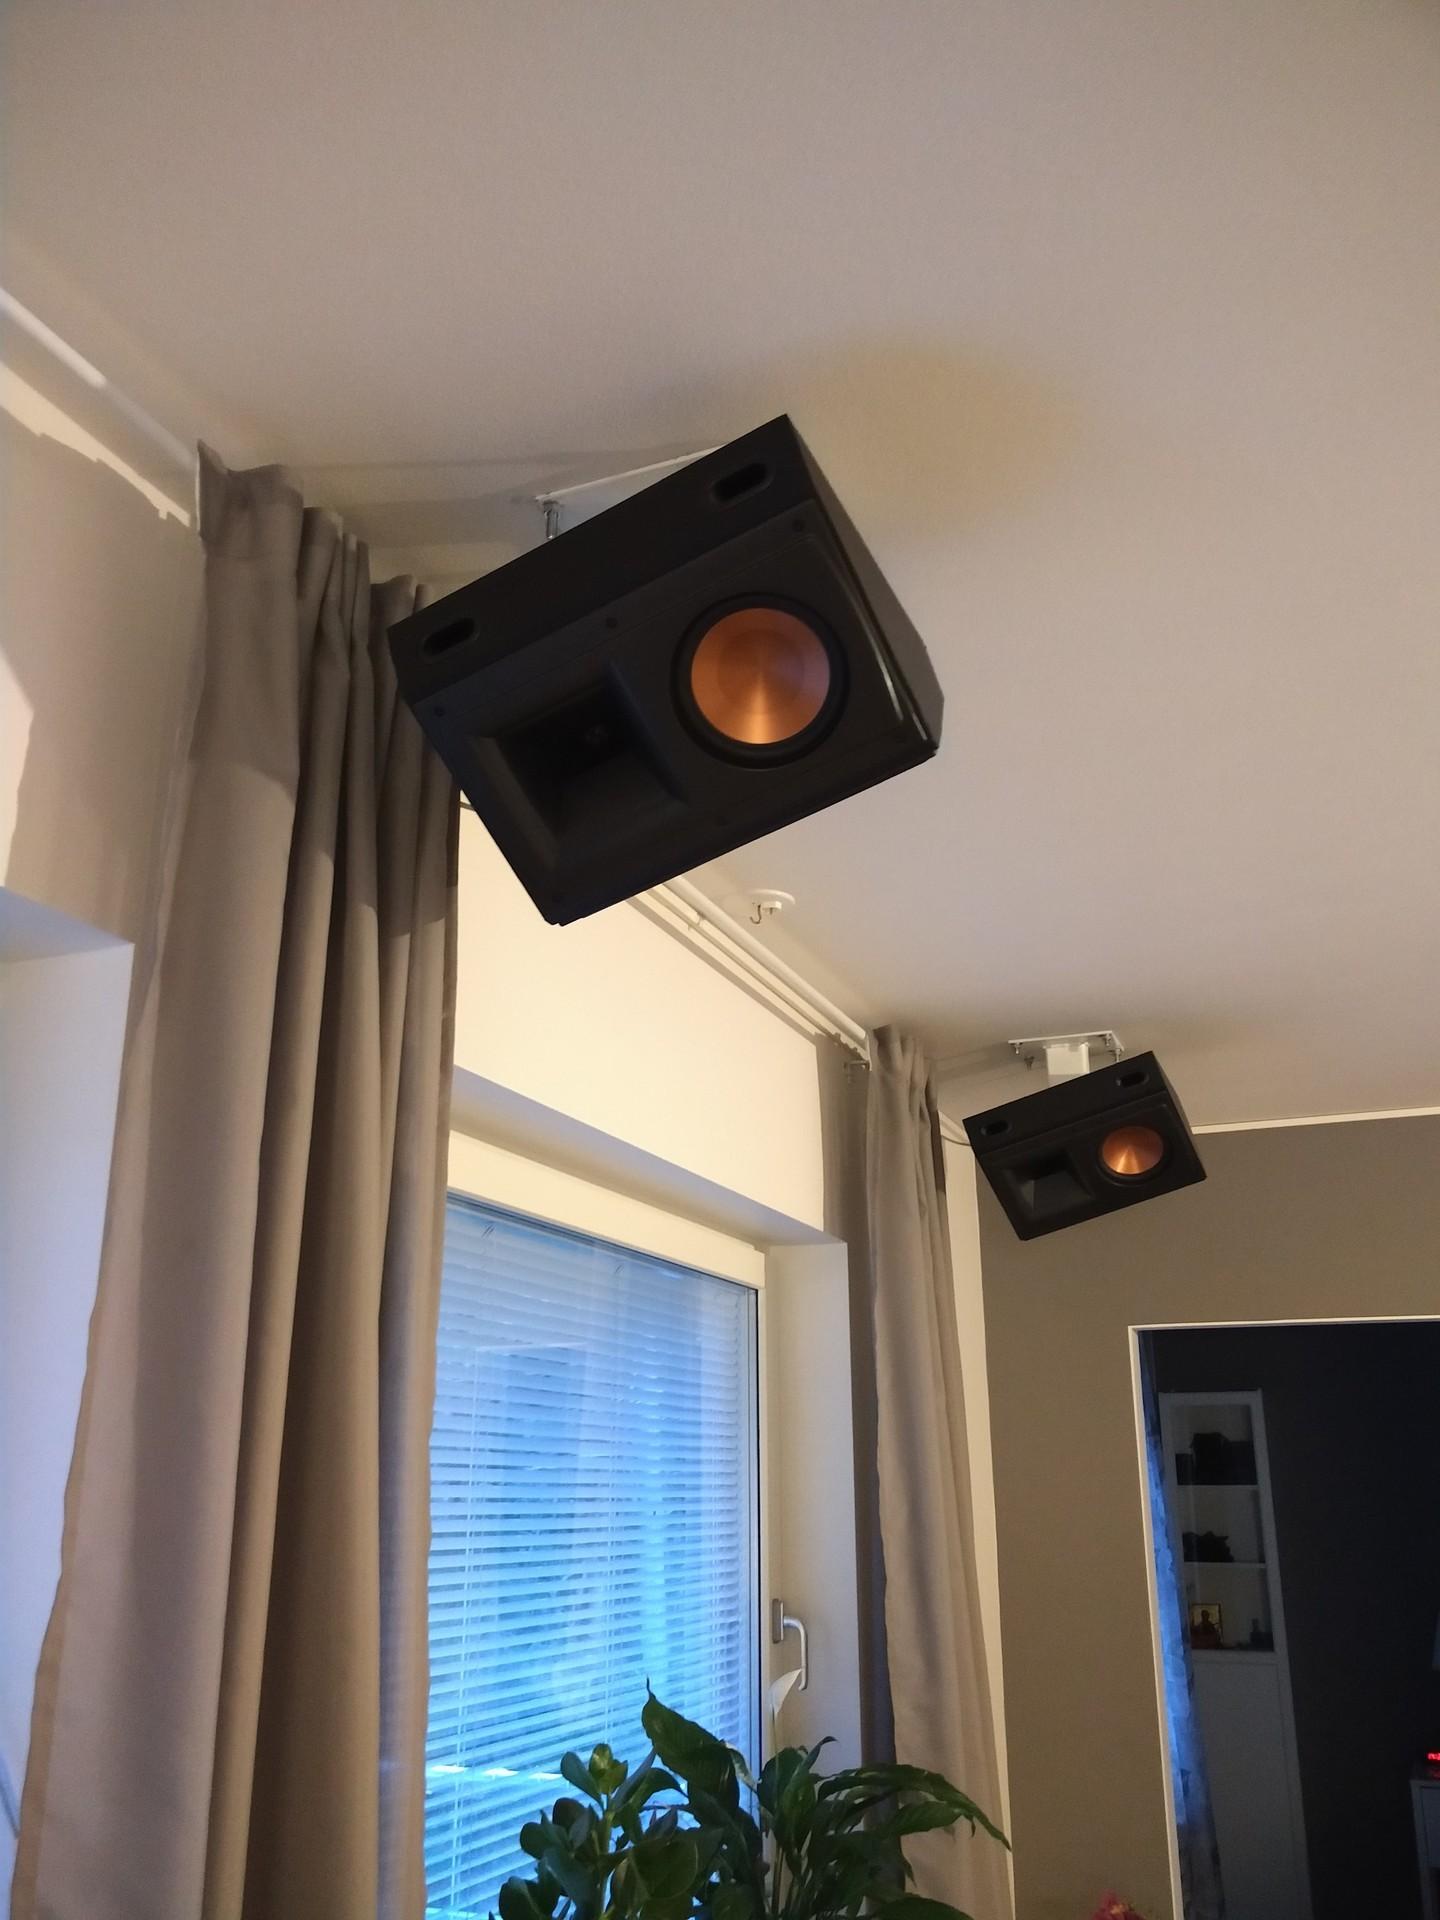 bilder p klipsch reference rs 62 ii stativh gtalare surroundh gtalare. Black Bedroom Furniture Sets. Home Design Ideas